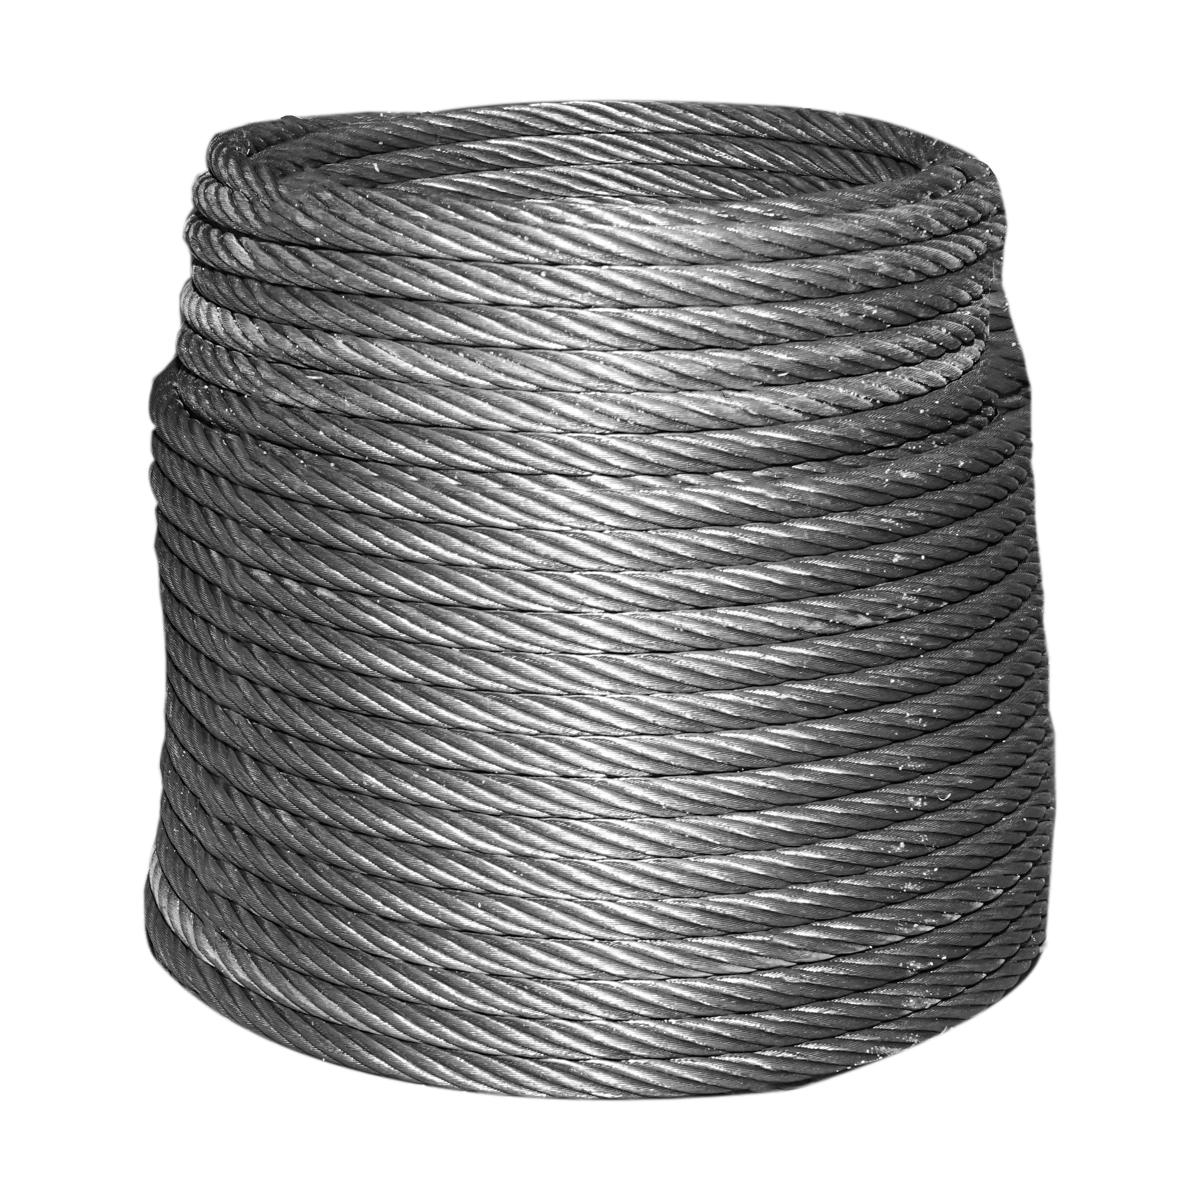 Cablu troliu otel 6x37 fi 16mm cu inima textila 1000m/rola